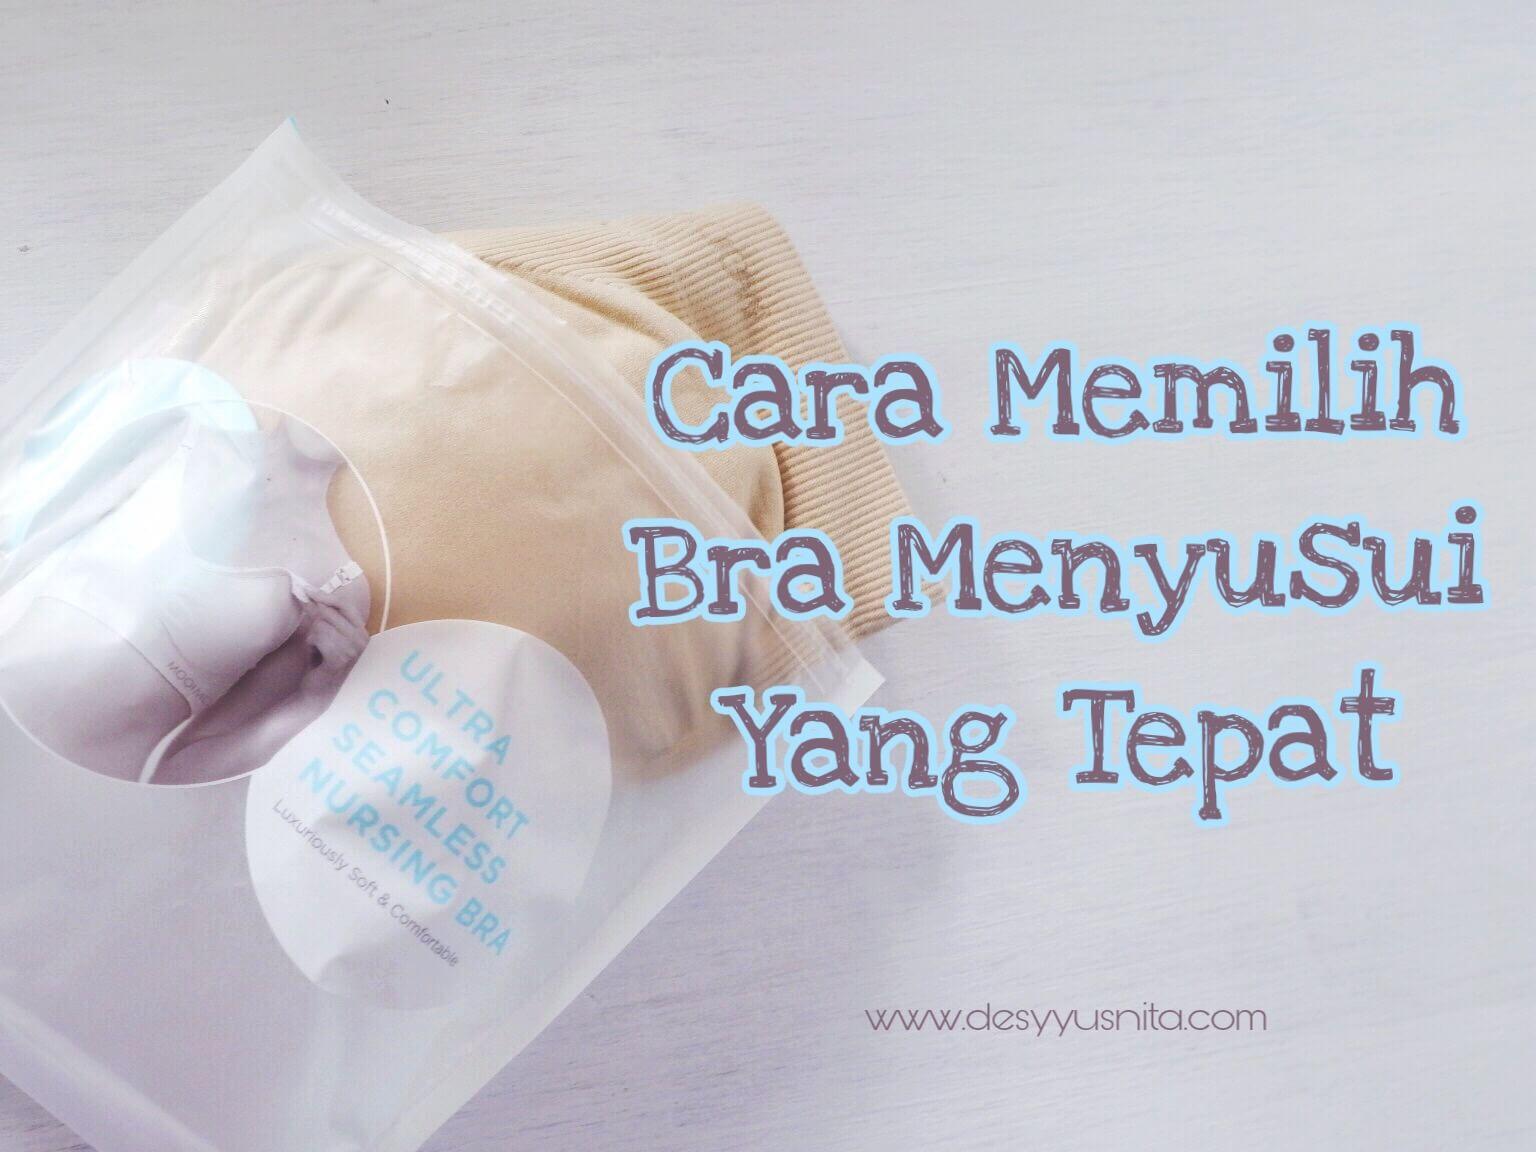 Bra Menyusui, Bra, Fashion, Menyusui, Pakaian, Mooimom, Ultra Comfort Seamless Nursing Bra, Seamless Bra, Bra Menyusui